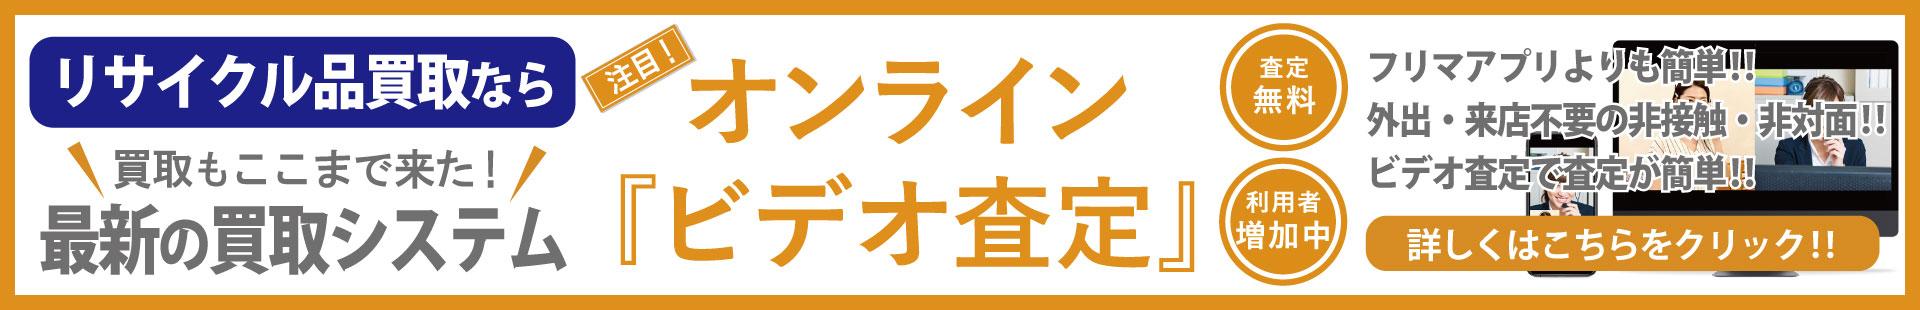 ビデオ査定バナーリサイクル